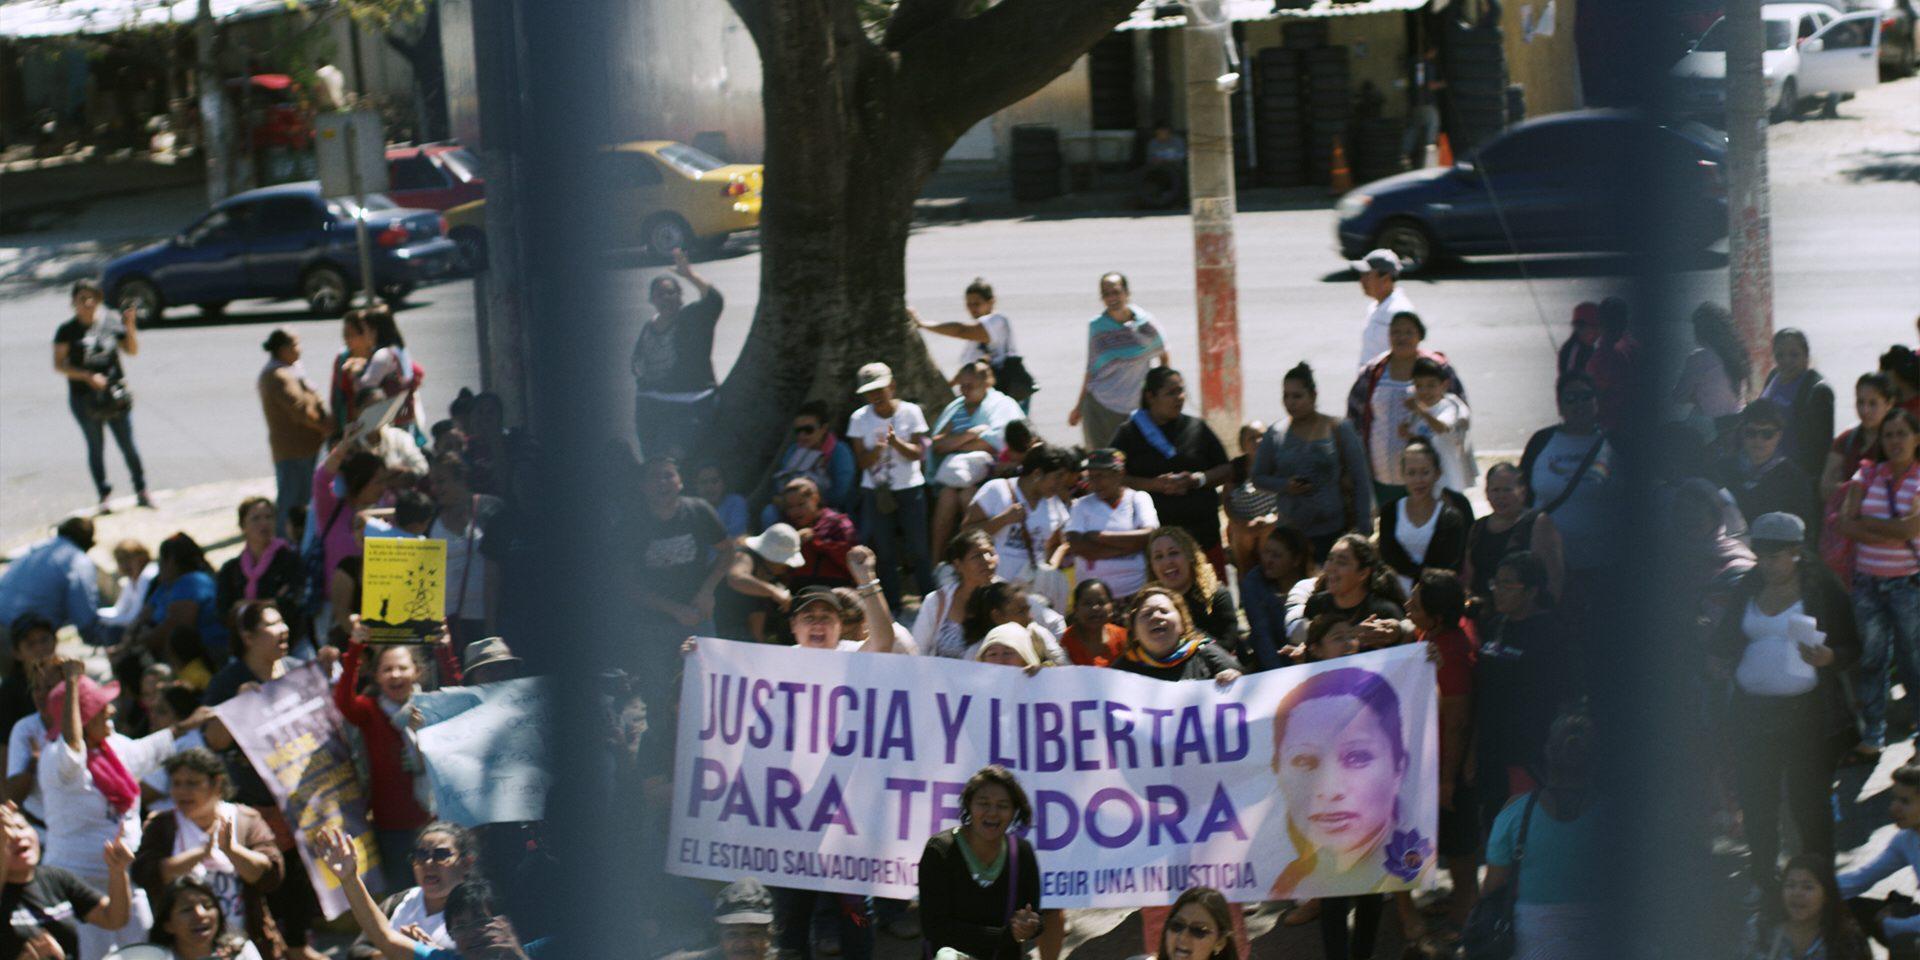 Rättvisa och frihet för Teodora, står det på banderollen utanför domstolen där Teodora Carmen del Vasquez öde avgörs, i San Salvador, El Salvador. Bild från filmen Fly so far.